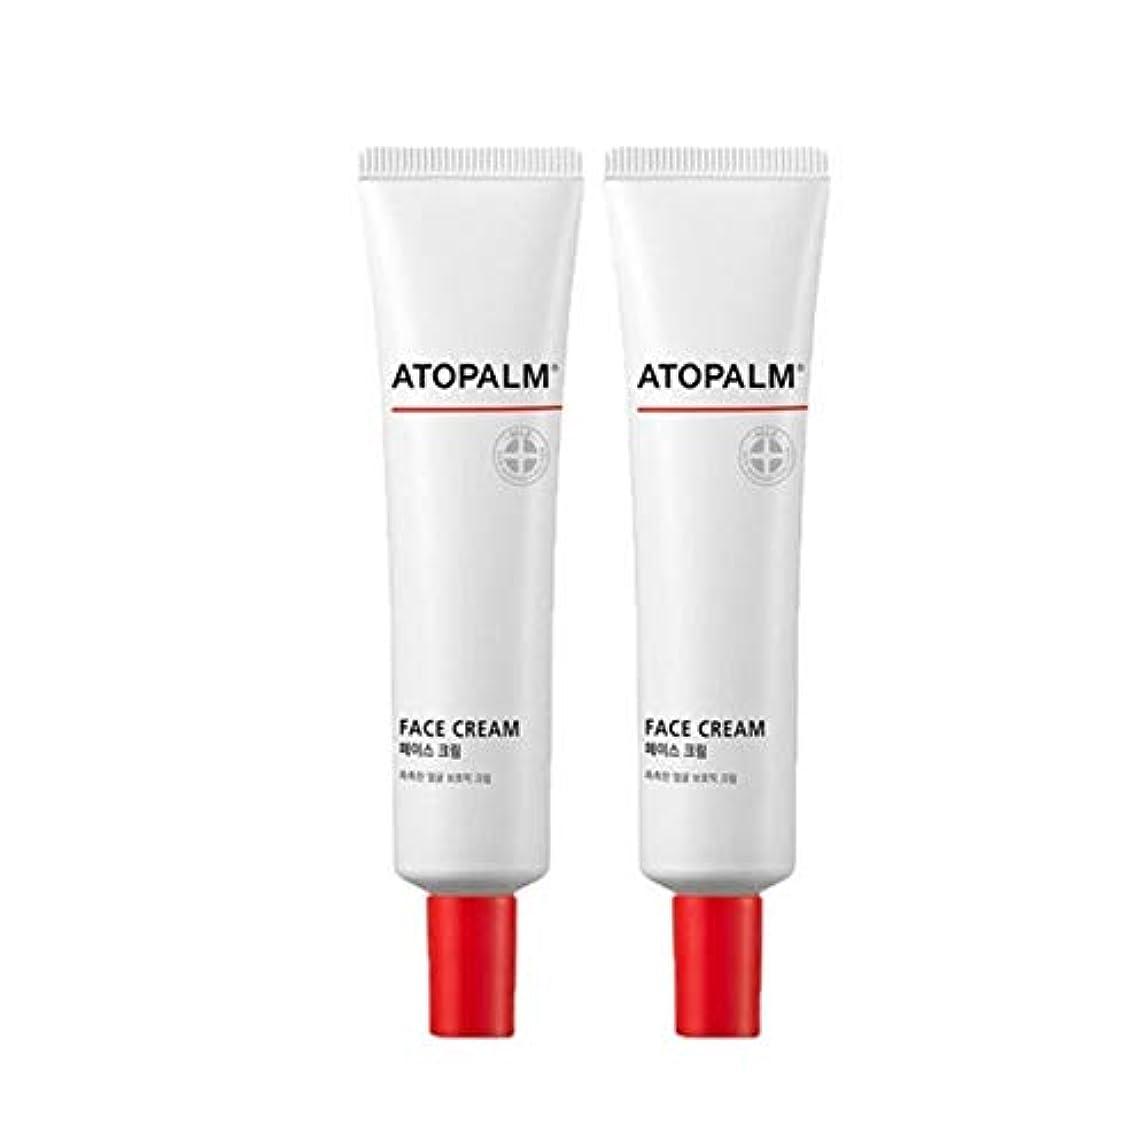 サイドボード素敵なマーティフィールディングアトパムフェイスクリーム35mlx2本セット韓国コスメ、Atopalm Face Cream 35ml x 2ea Set Korean Cosmetics [並行輸入品]